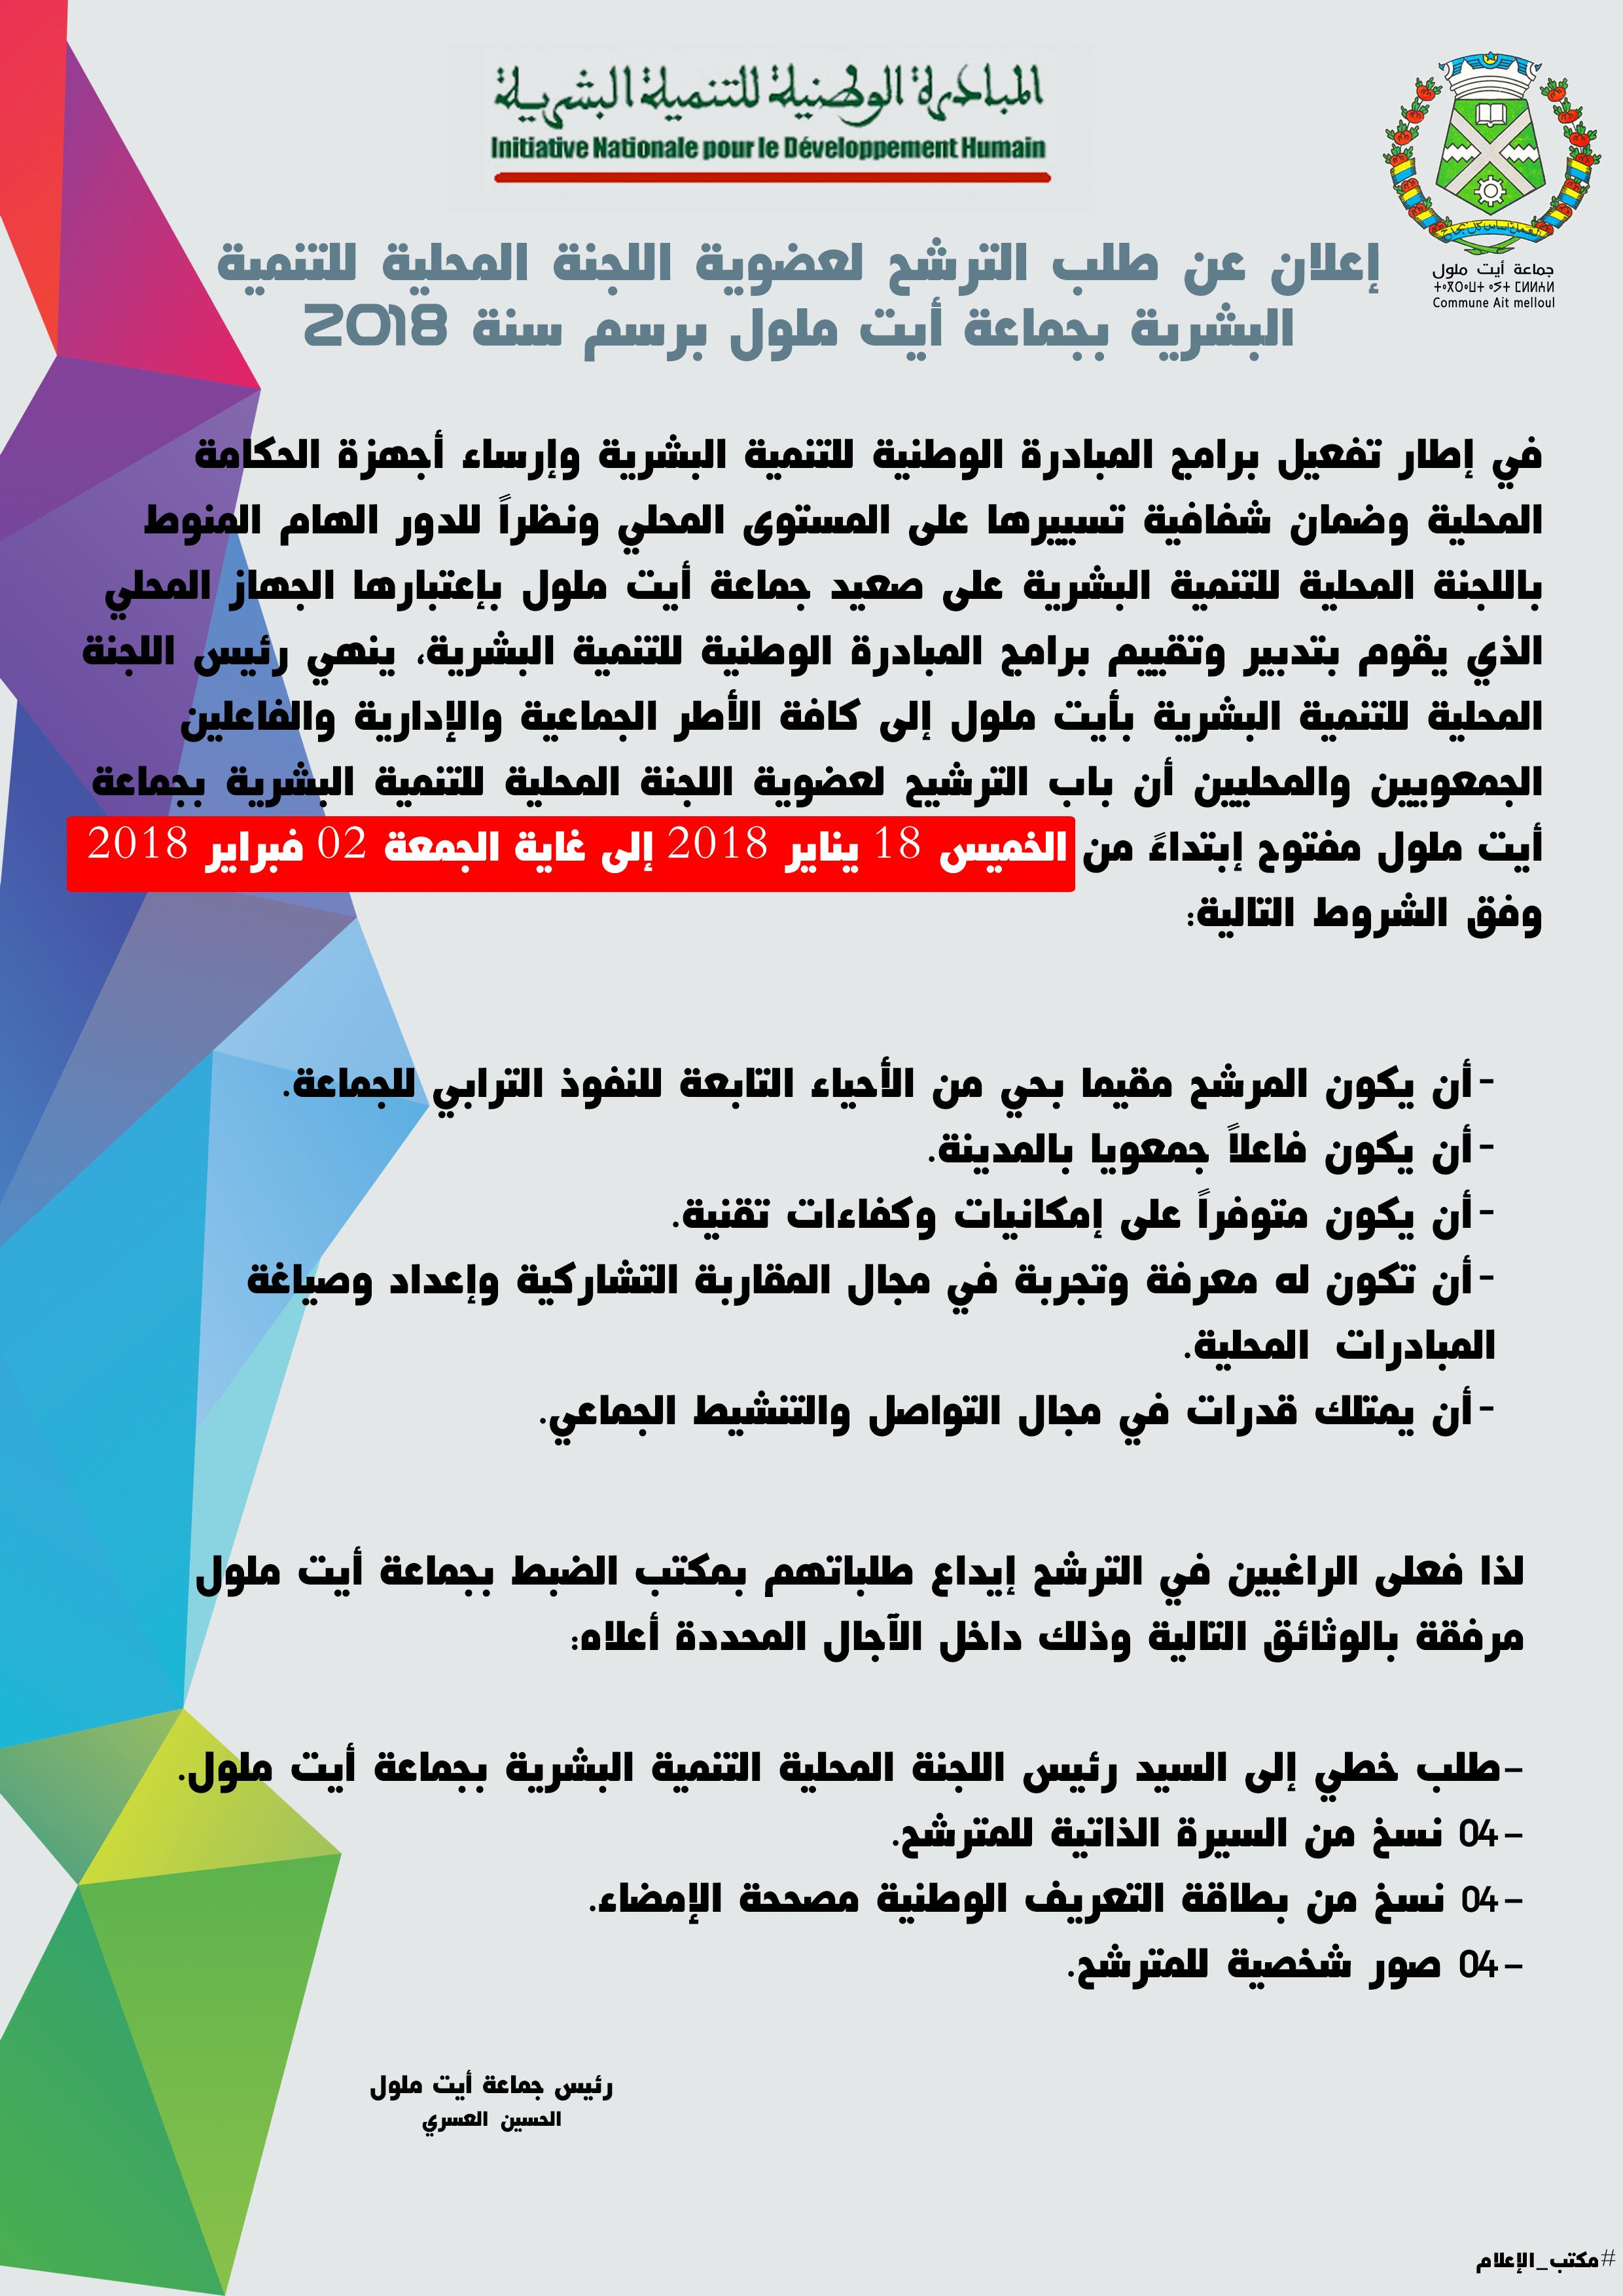 إعلان اللجنة المحلية للمبادرة